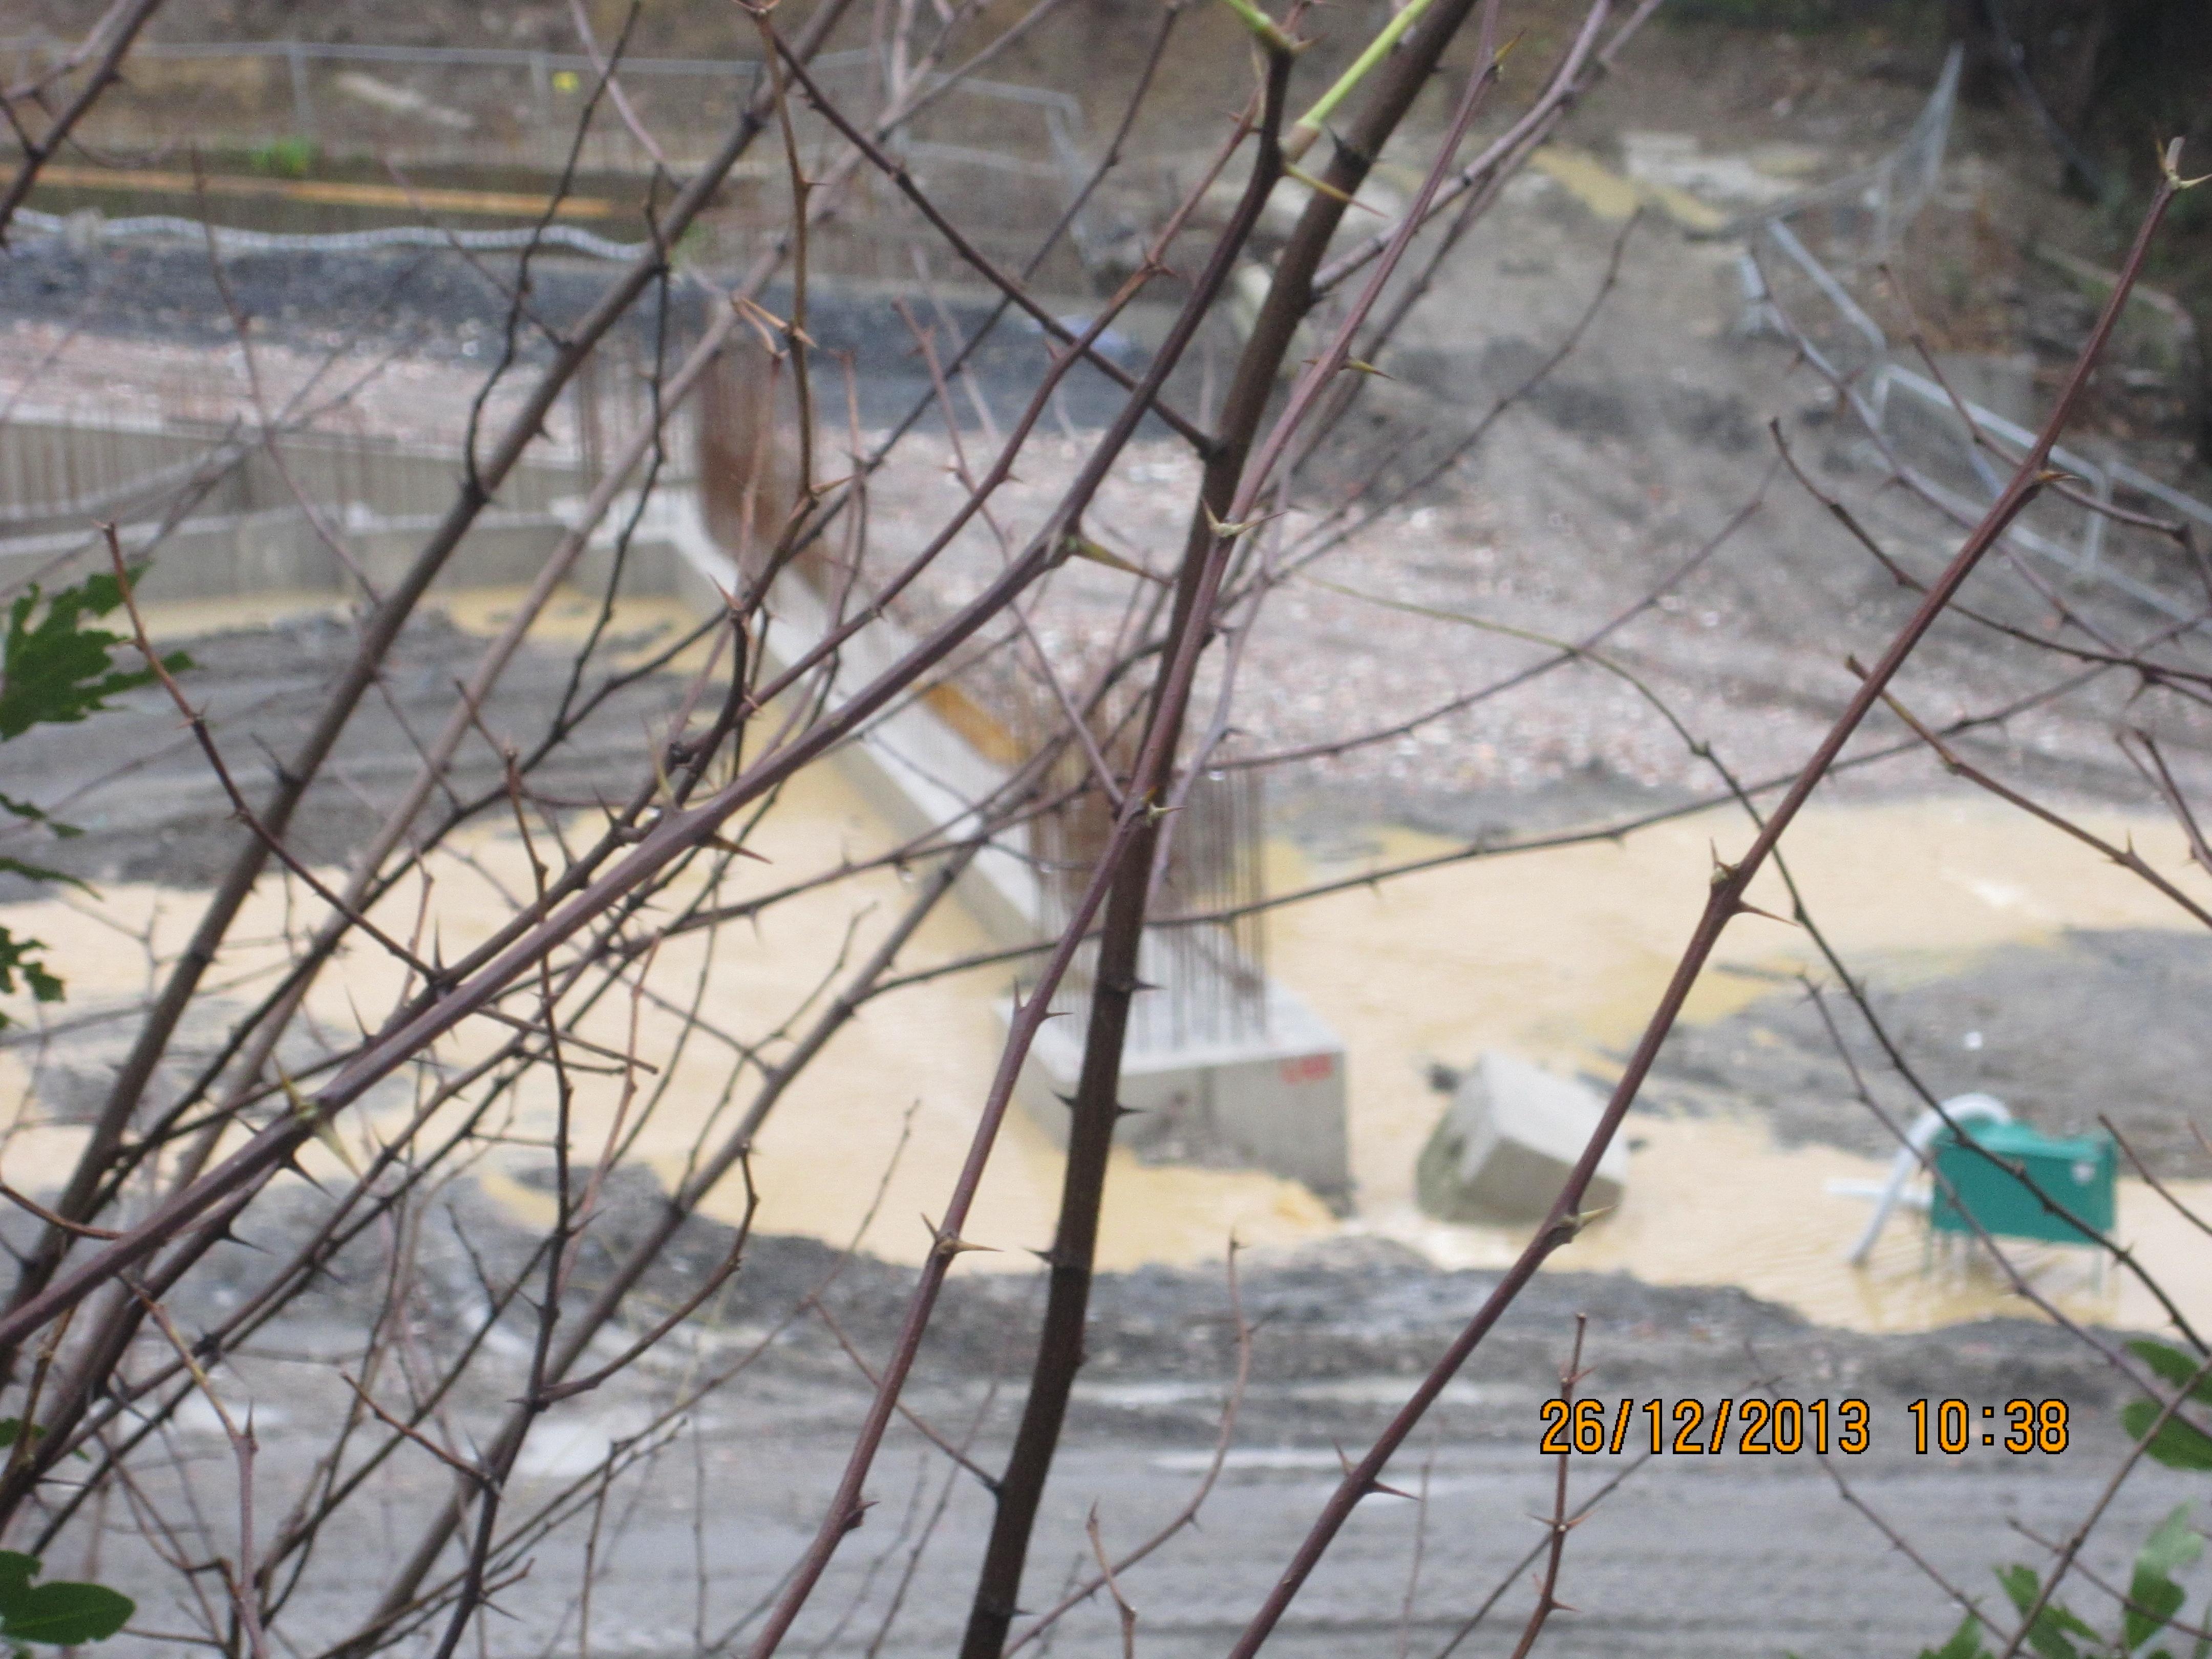 Le seguenti foto sono state scattate a quasi 2 ore dal picco di allerta e testimoniano la colata di fango che scende gi¹ dal cantiere Bri an